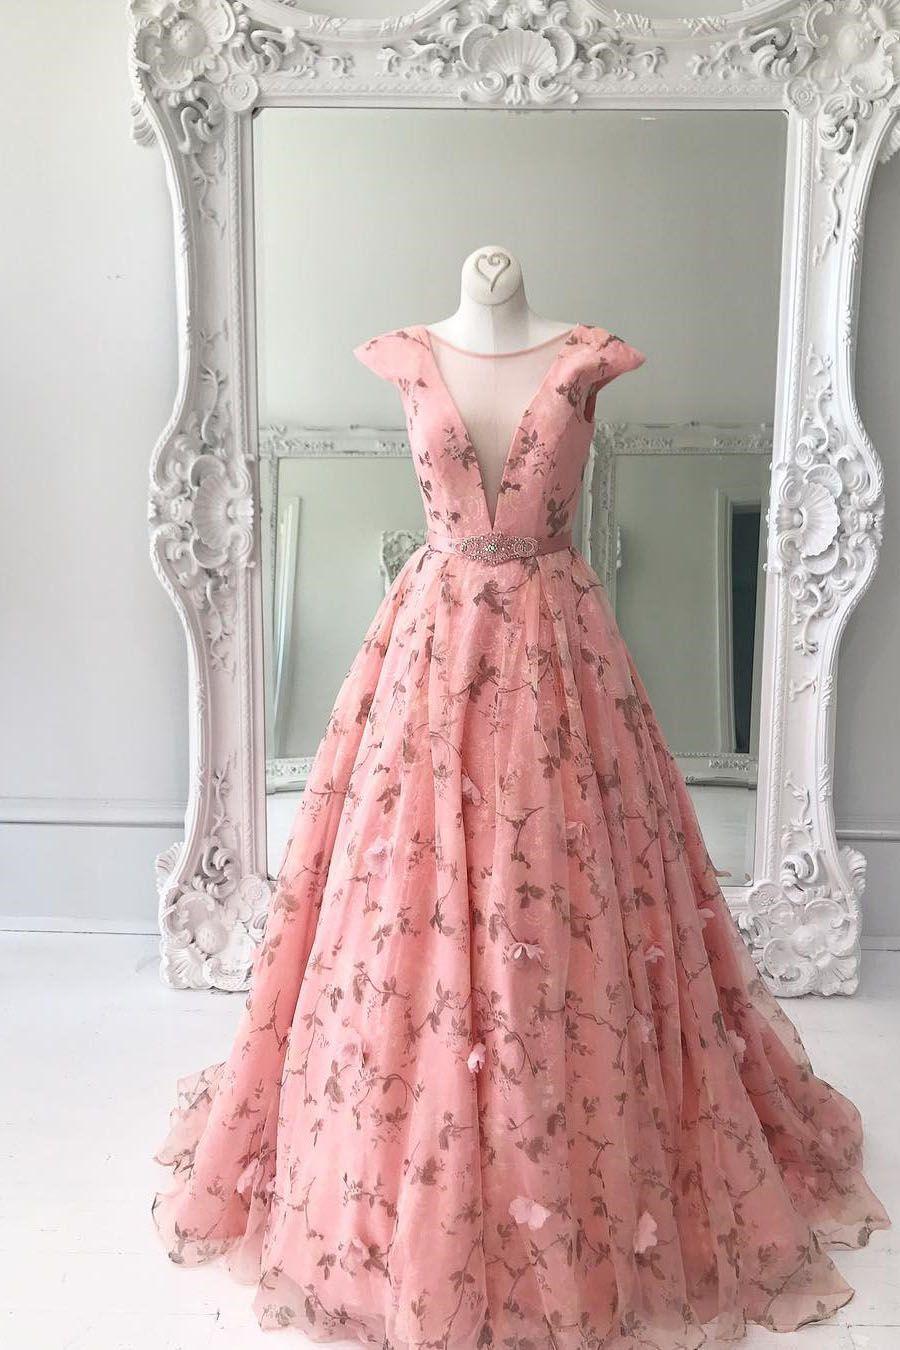 Princess Pink Long Prom Dress Ball Gown | VESTIDOS | Pinterest ...